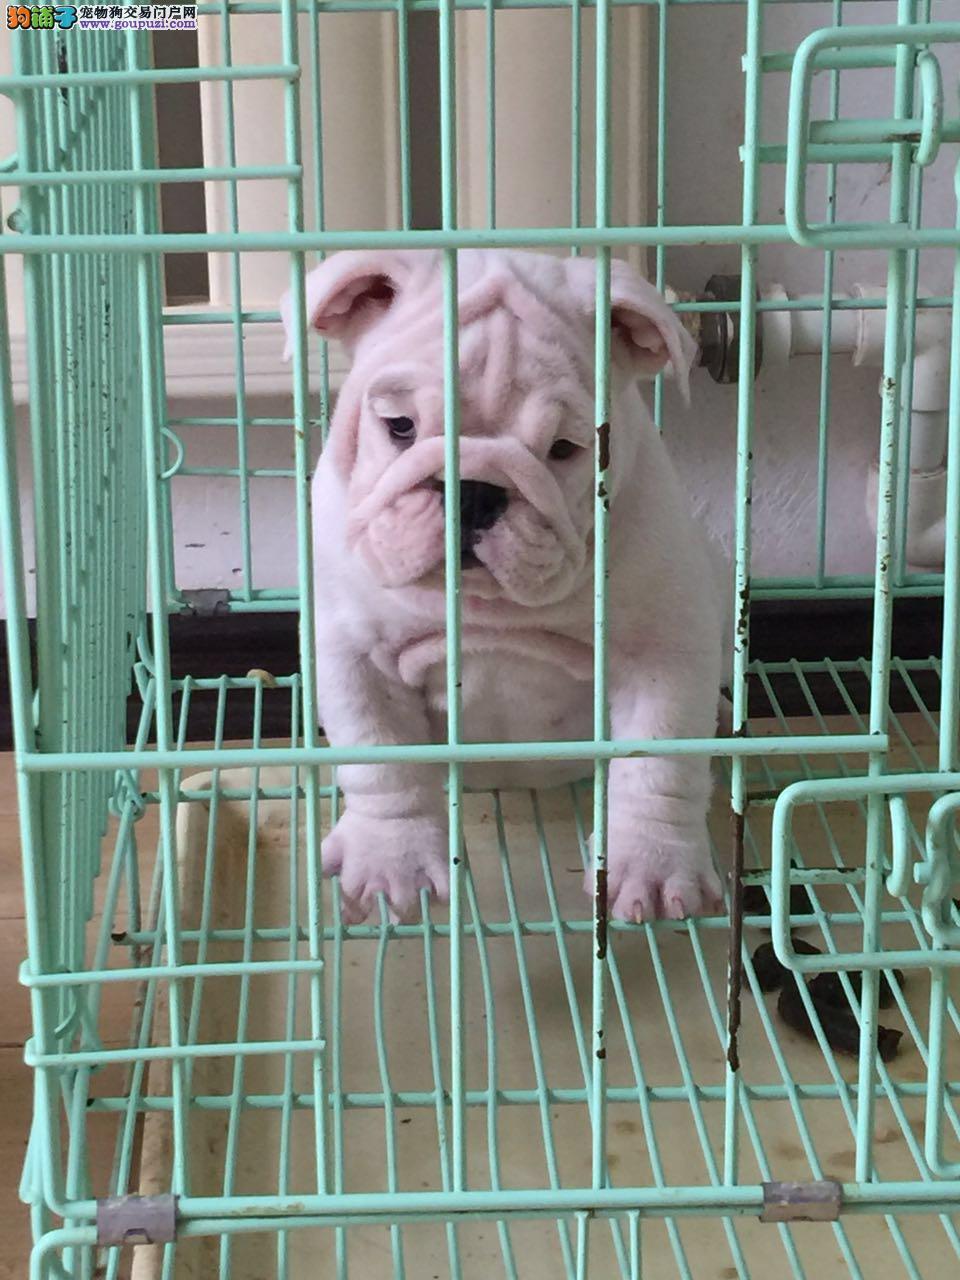 高气质血统纯正的广州斗牛犬找新家 可视频看狗